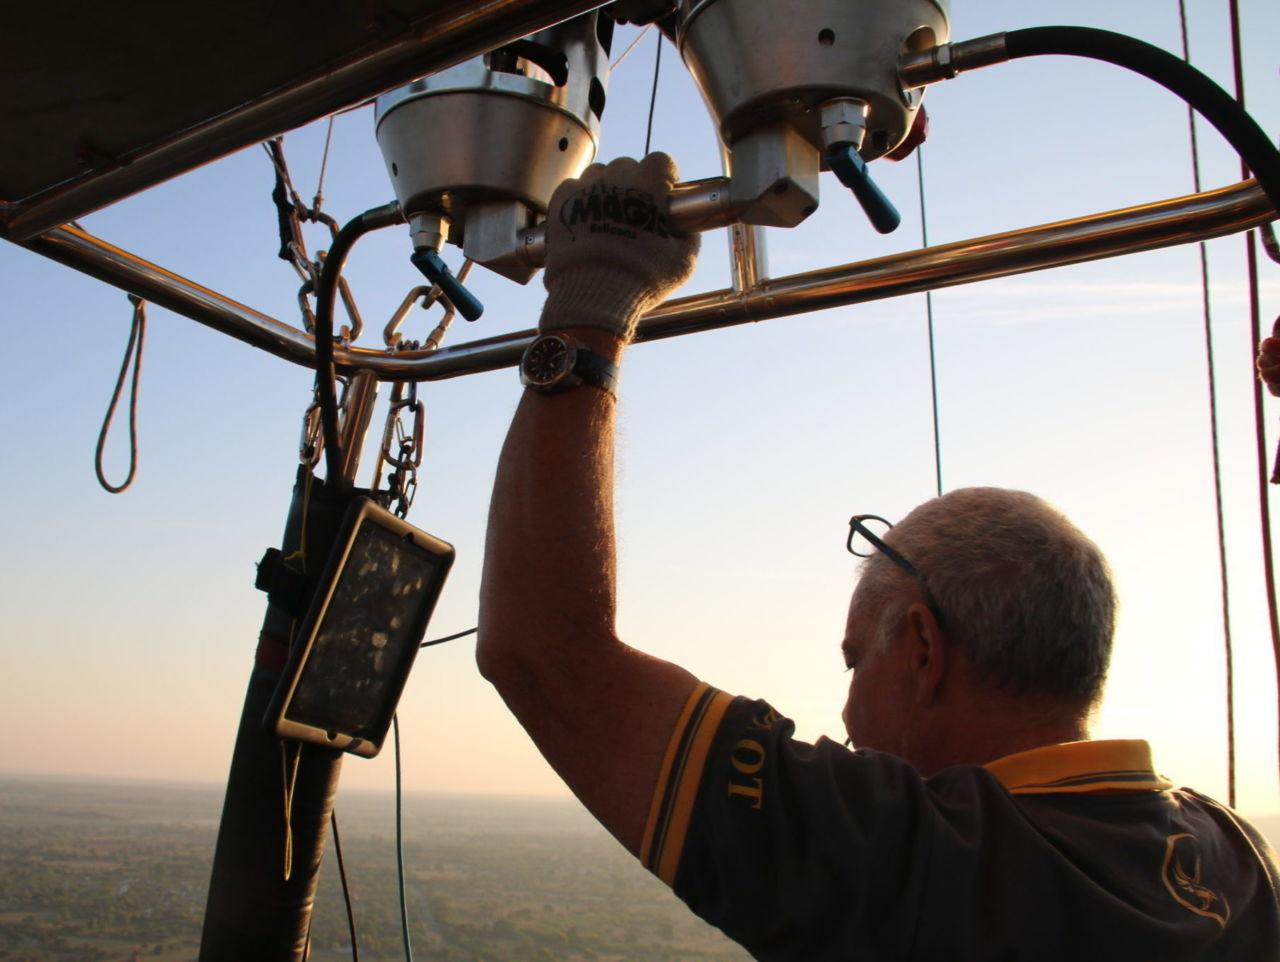 Mann steuert Heißluftballon